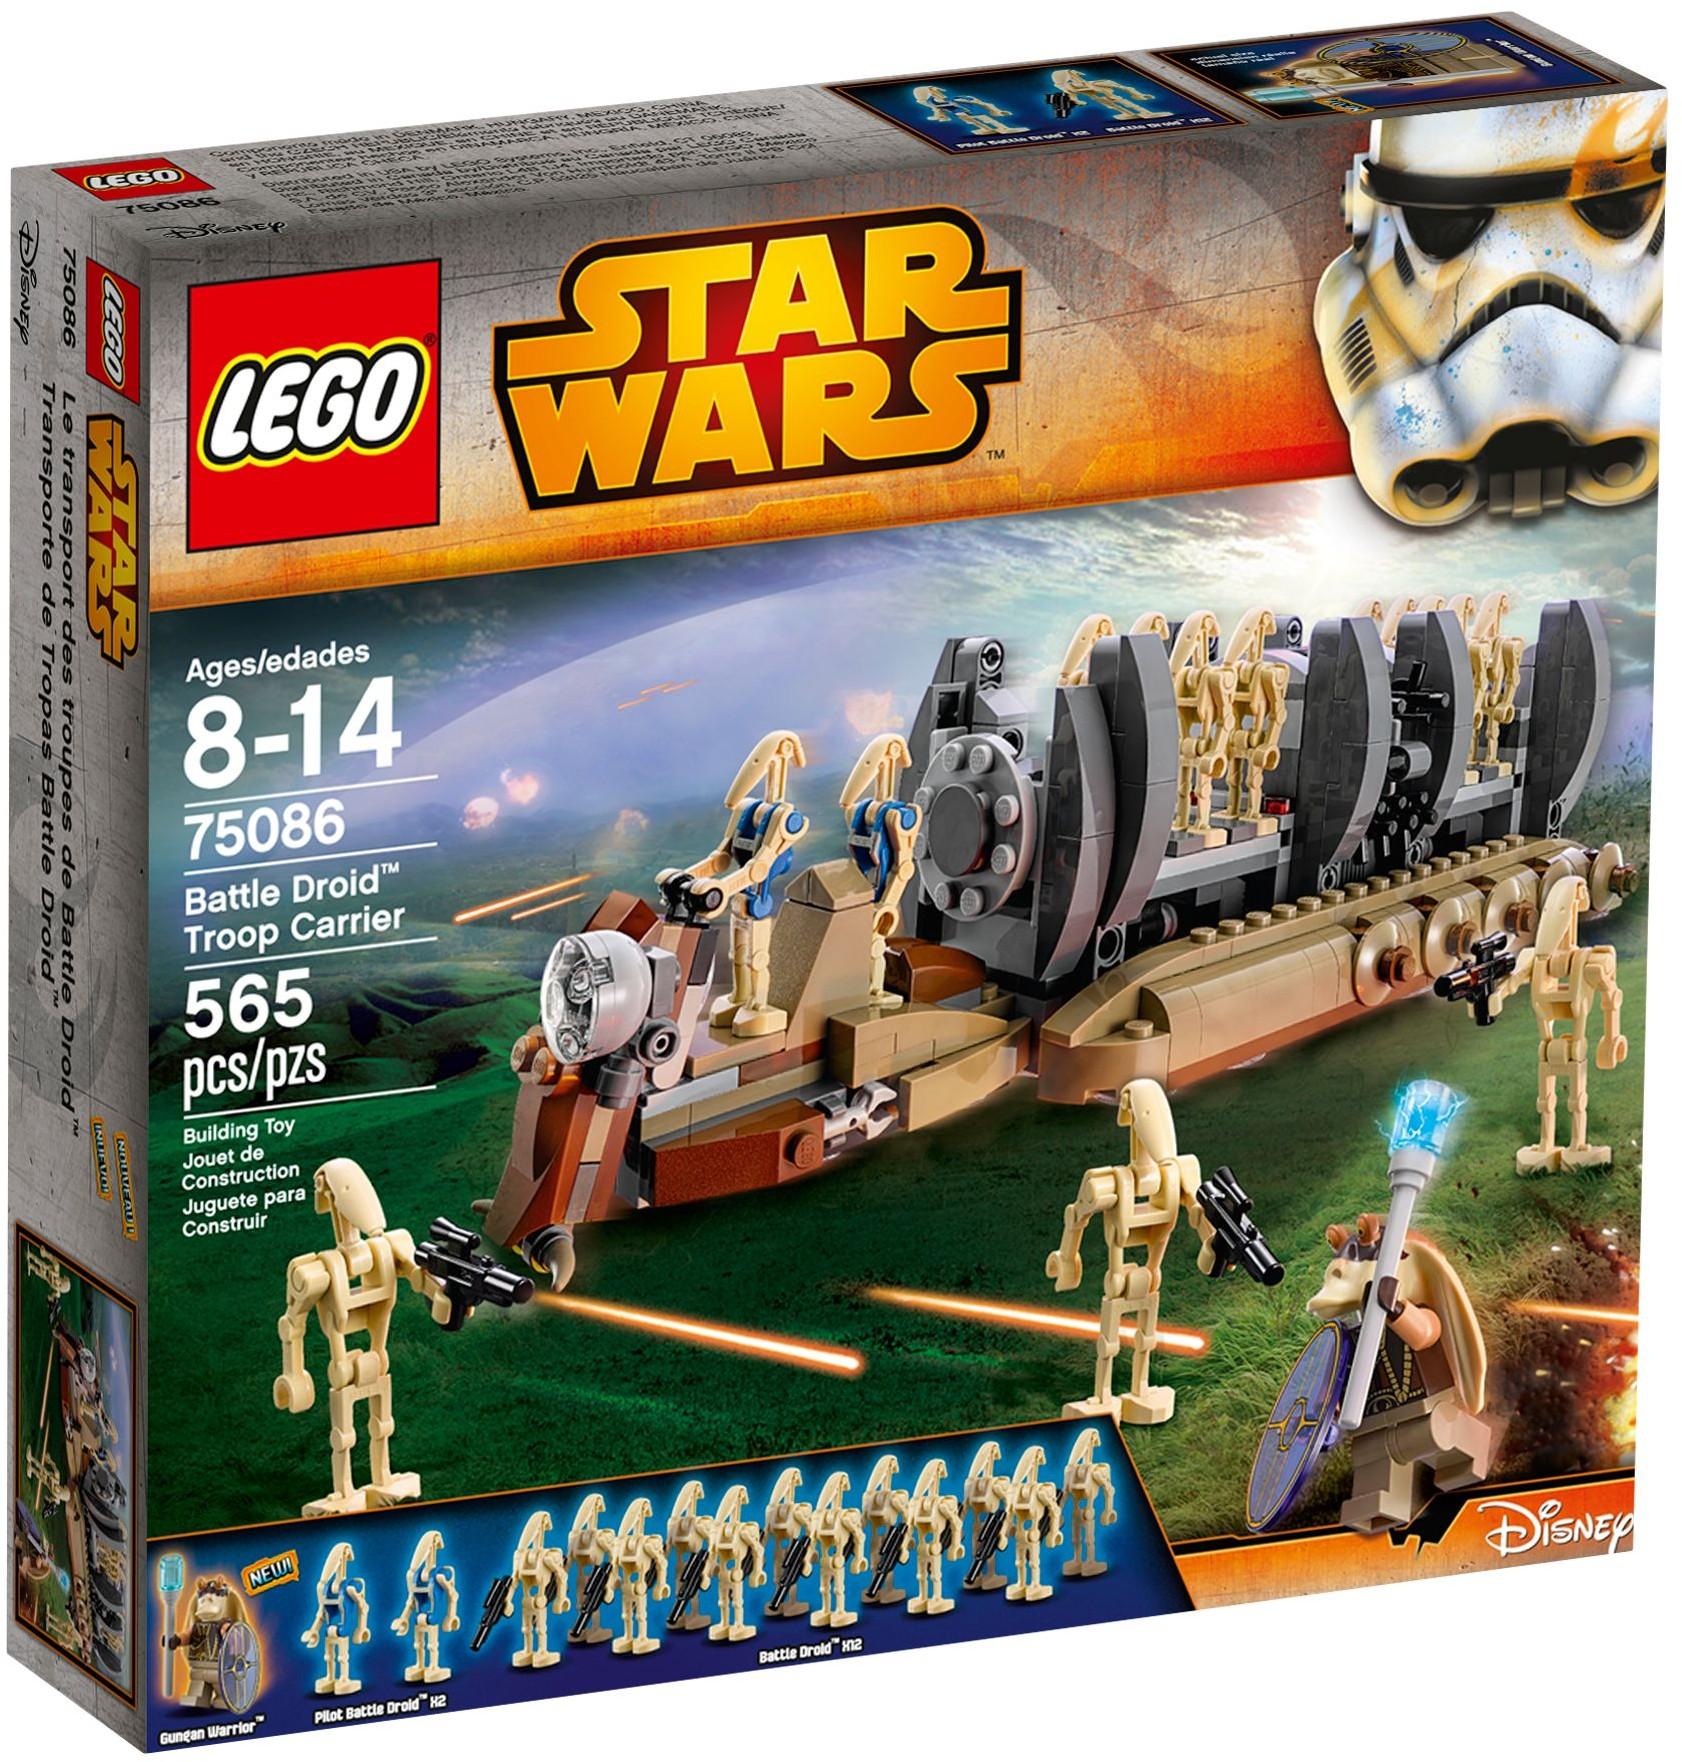 Battle Droid Troop Carrier